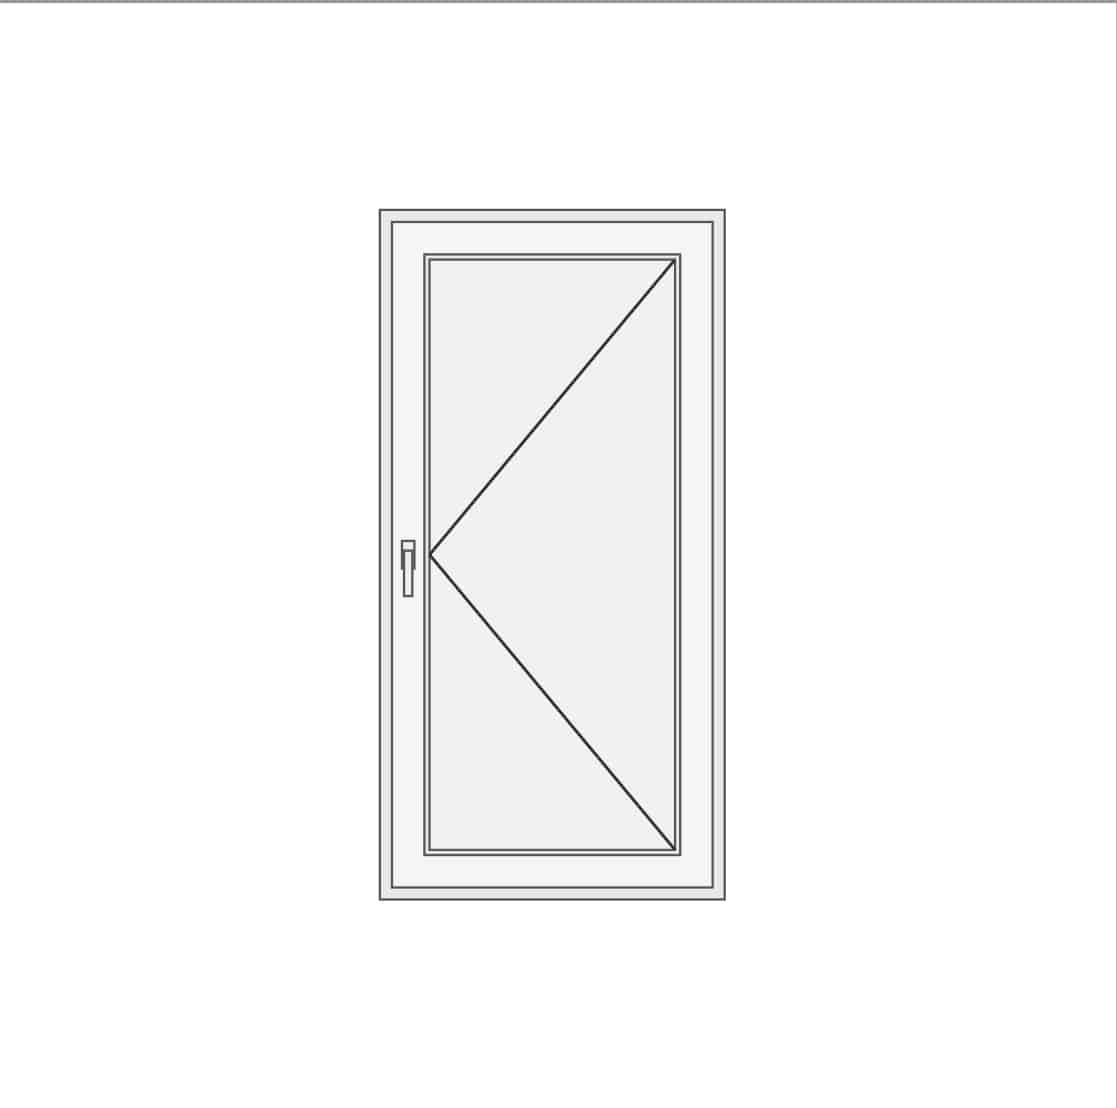 Jednokrilna vrata sa panelom